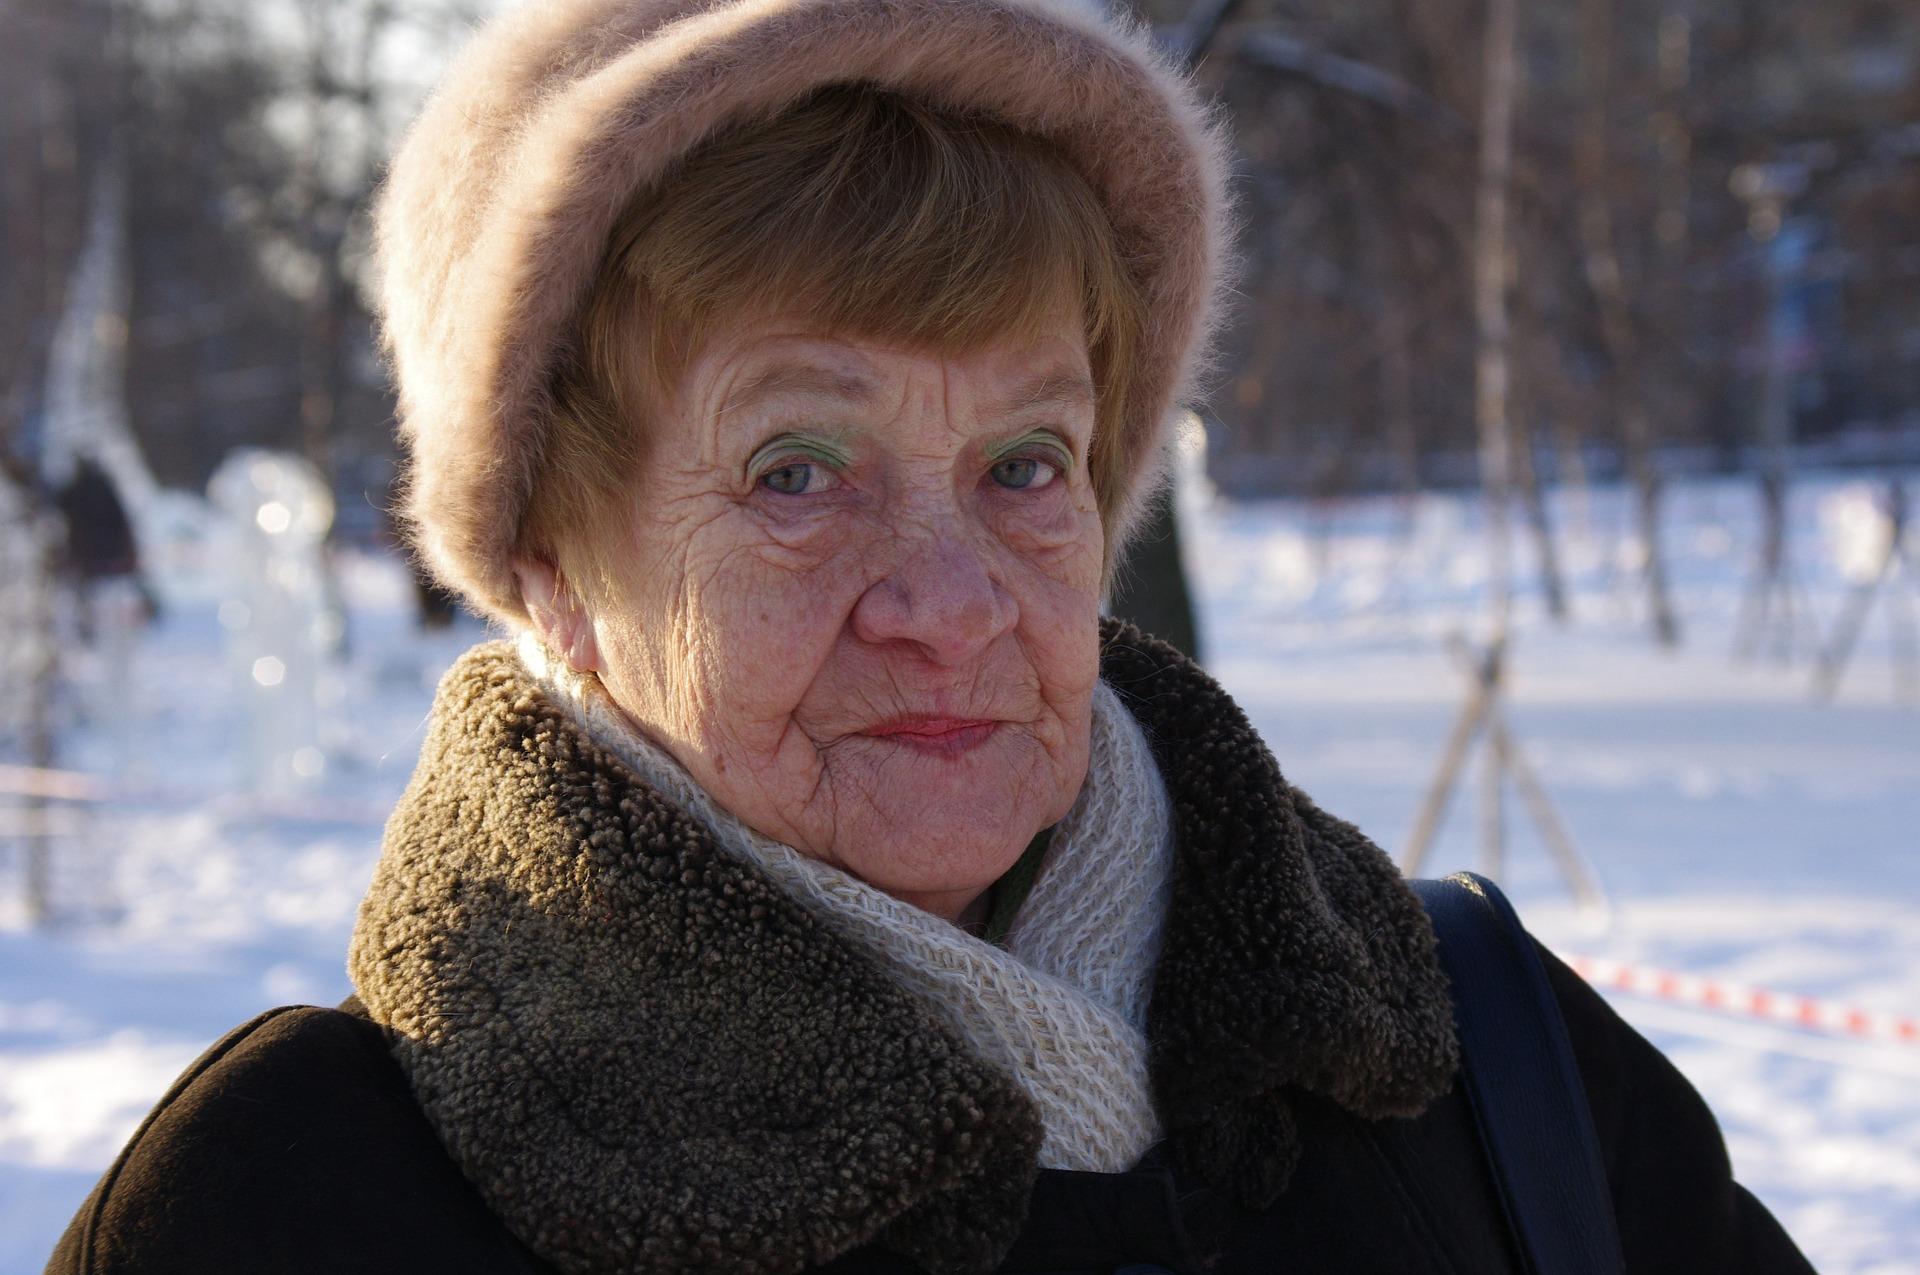 Российские пенсионеры получат право выбирать банк для пенсии